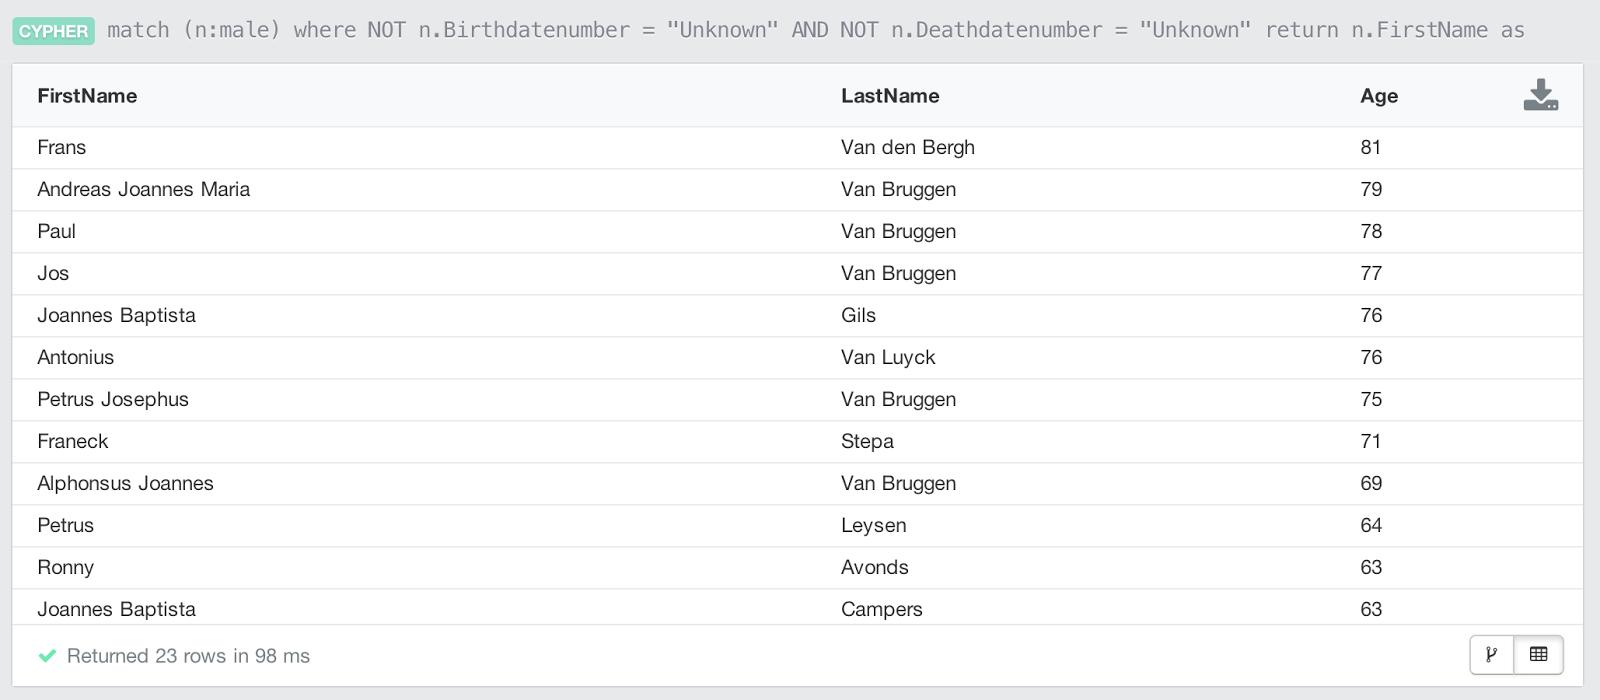 Bruggen Blog: Leftovers from the holidays: Genealogy Graphs!